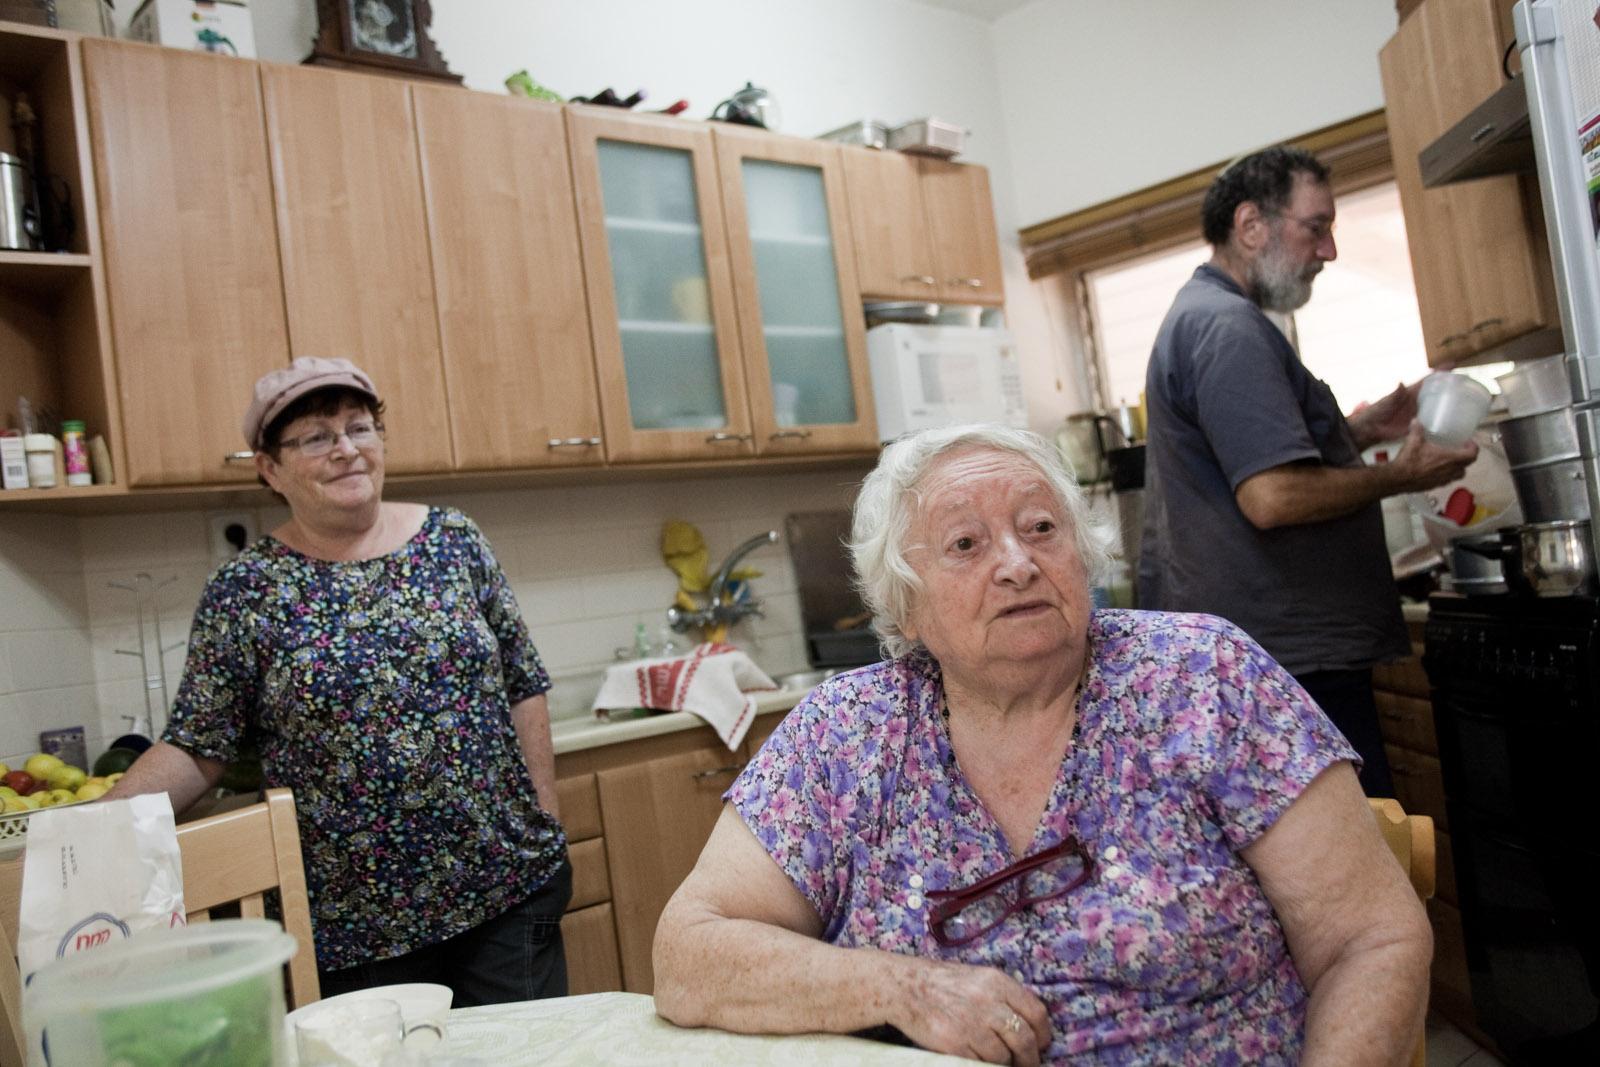 Tsila, sa mère Tova et Beni Gavrieli, chez eux, le soir.